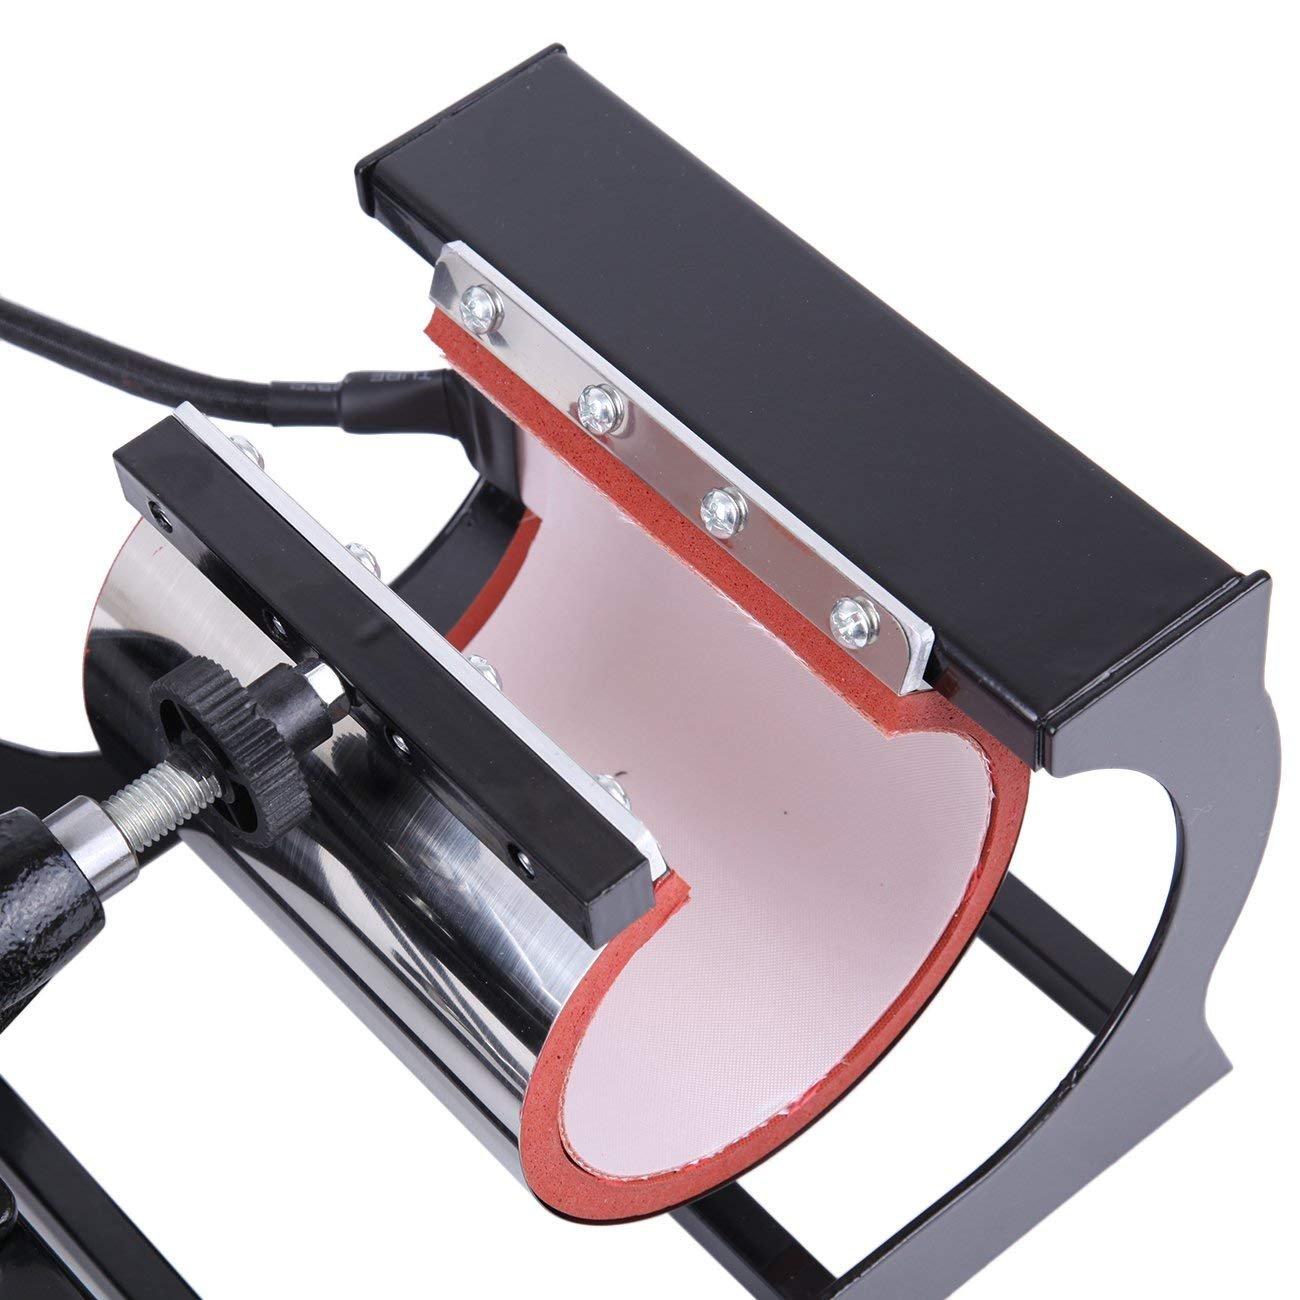 Ridgeyard Prensa de Calor 8 En 1 Digital T/érmica para Sublimaci/ón para Camisetas Tazas Gorras y Platos 15X12